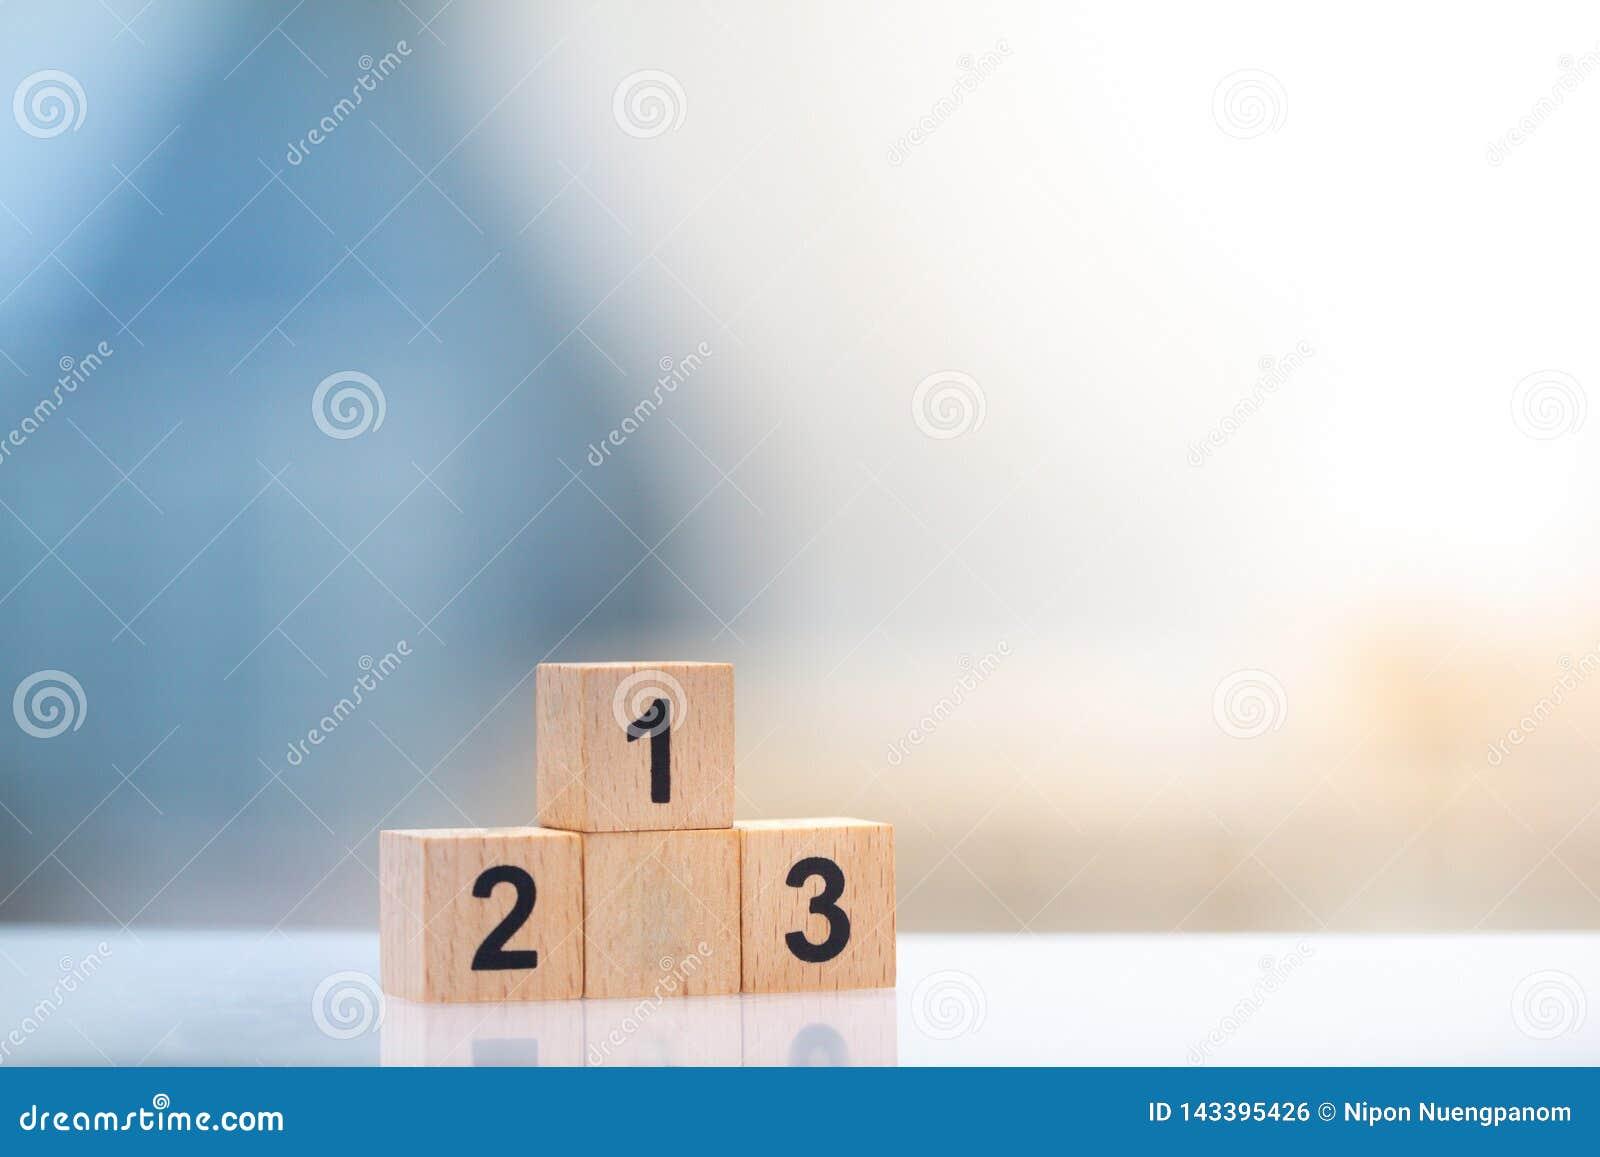 Drewniany blokowy zwycięzcy podium najpierw, drugi, i na trzecim miejscu na pejzażu miejskiego tle